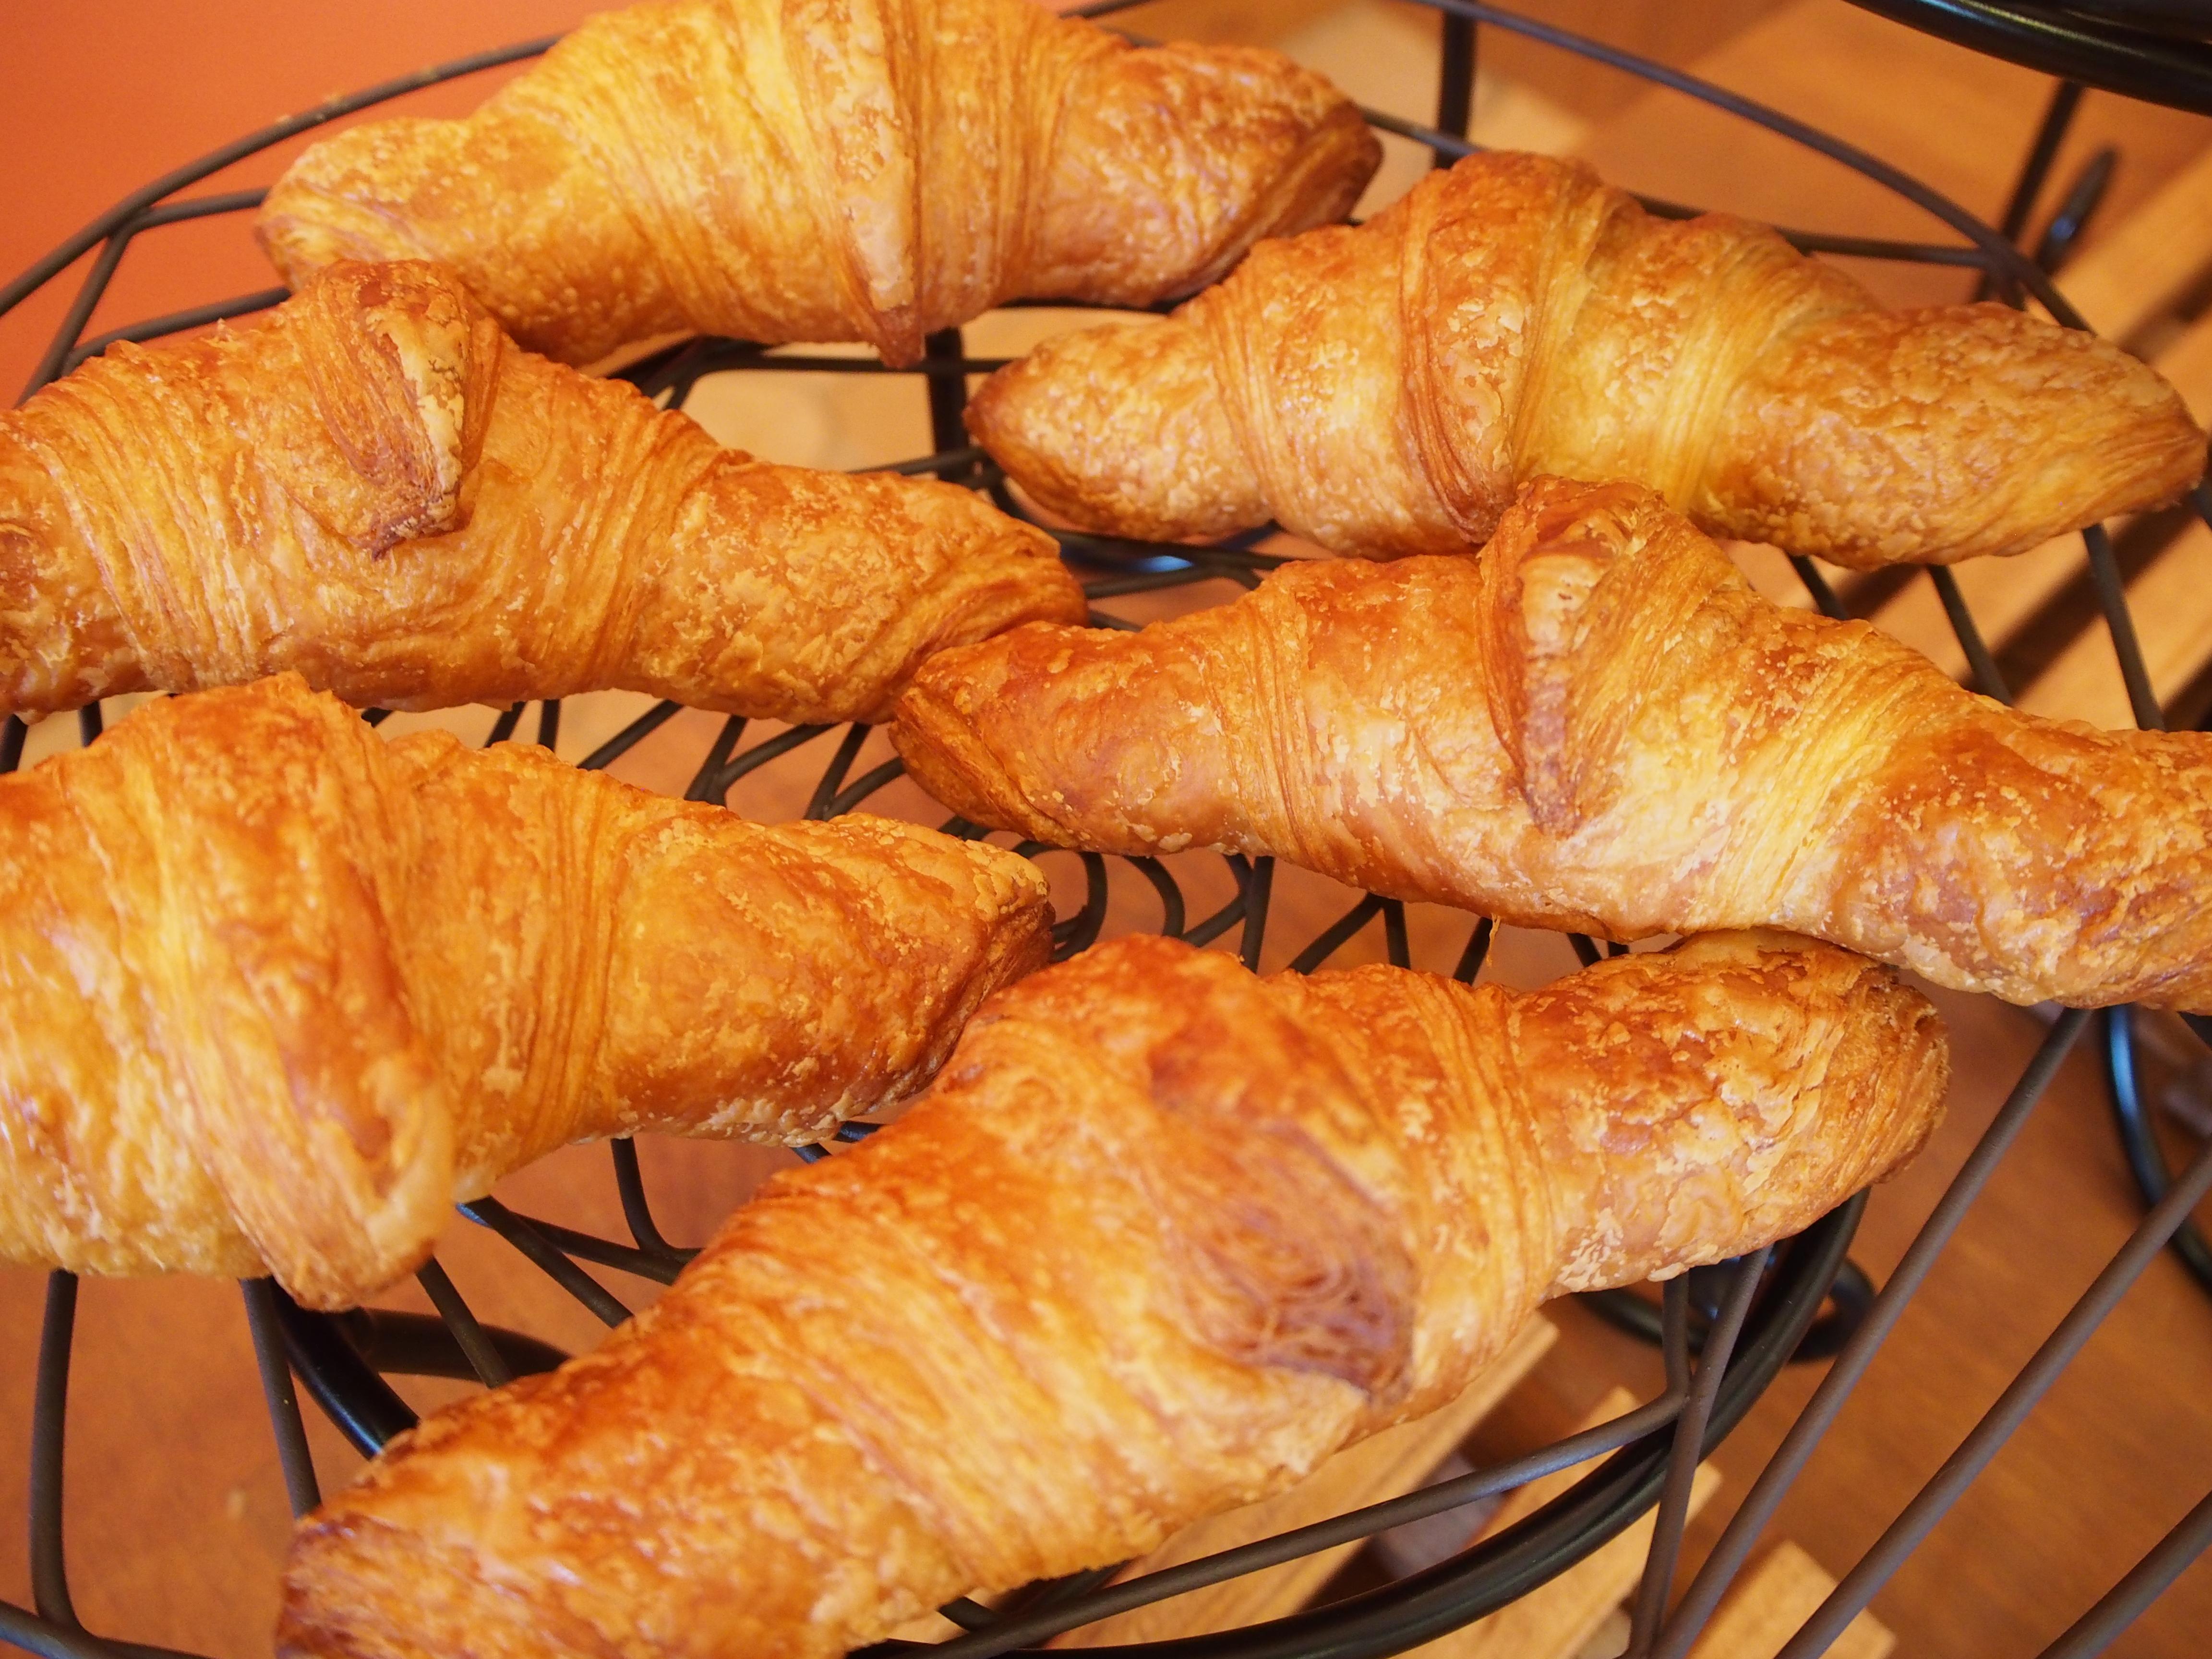 焼きたての手作りパンを食べられる「FRESH BAKERY A DAY st.p3」が1周年プレゼント実施中♪